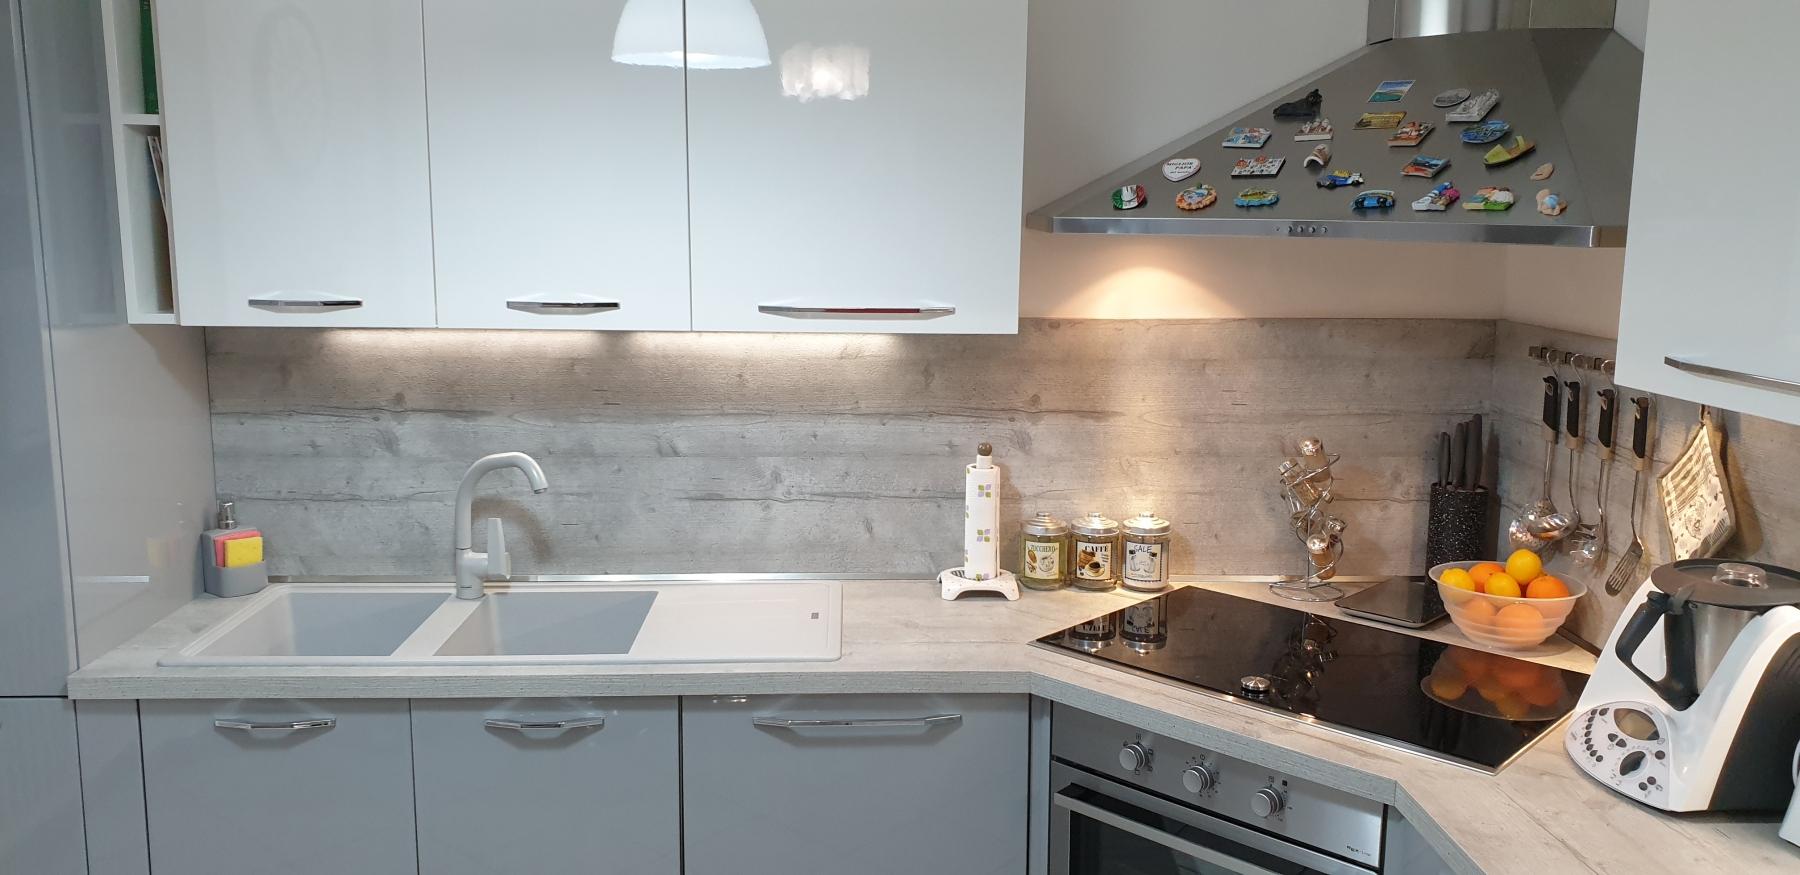 appartamento-in-vendita-trezzano-sul-naviglio-milano-spaziourbano-immobiliare-vende-13